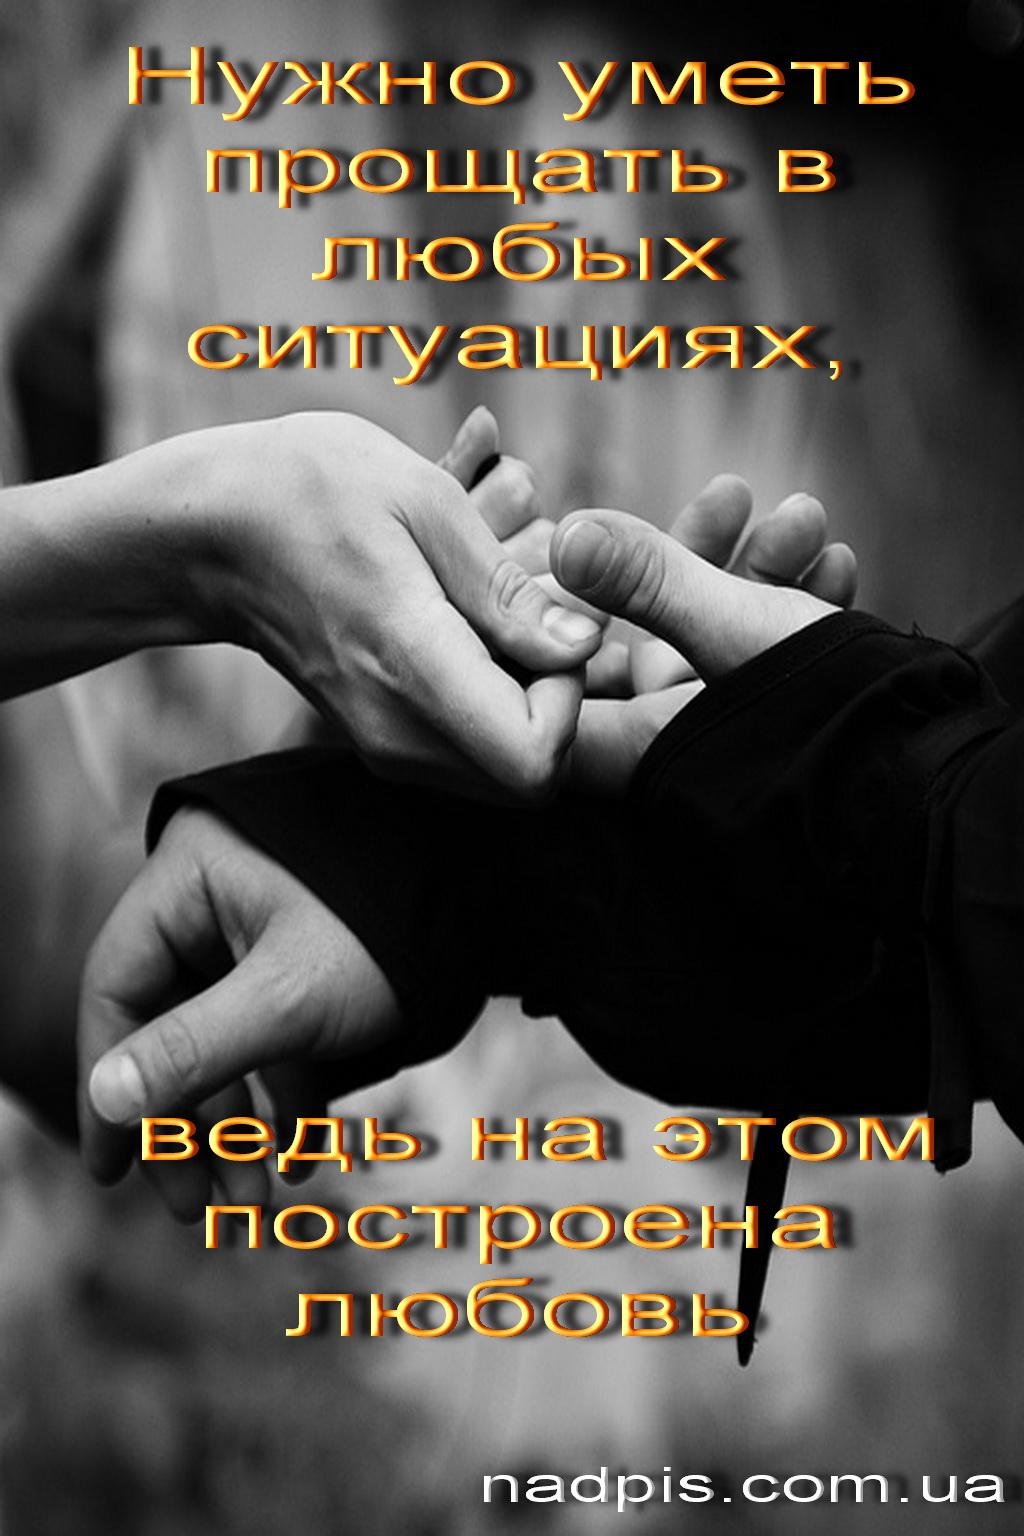 Нужно уметь прощать